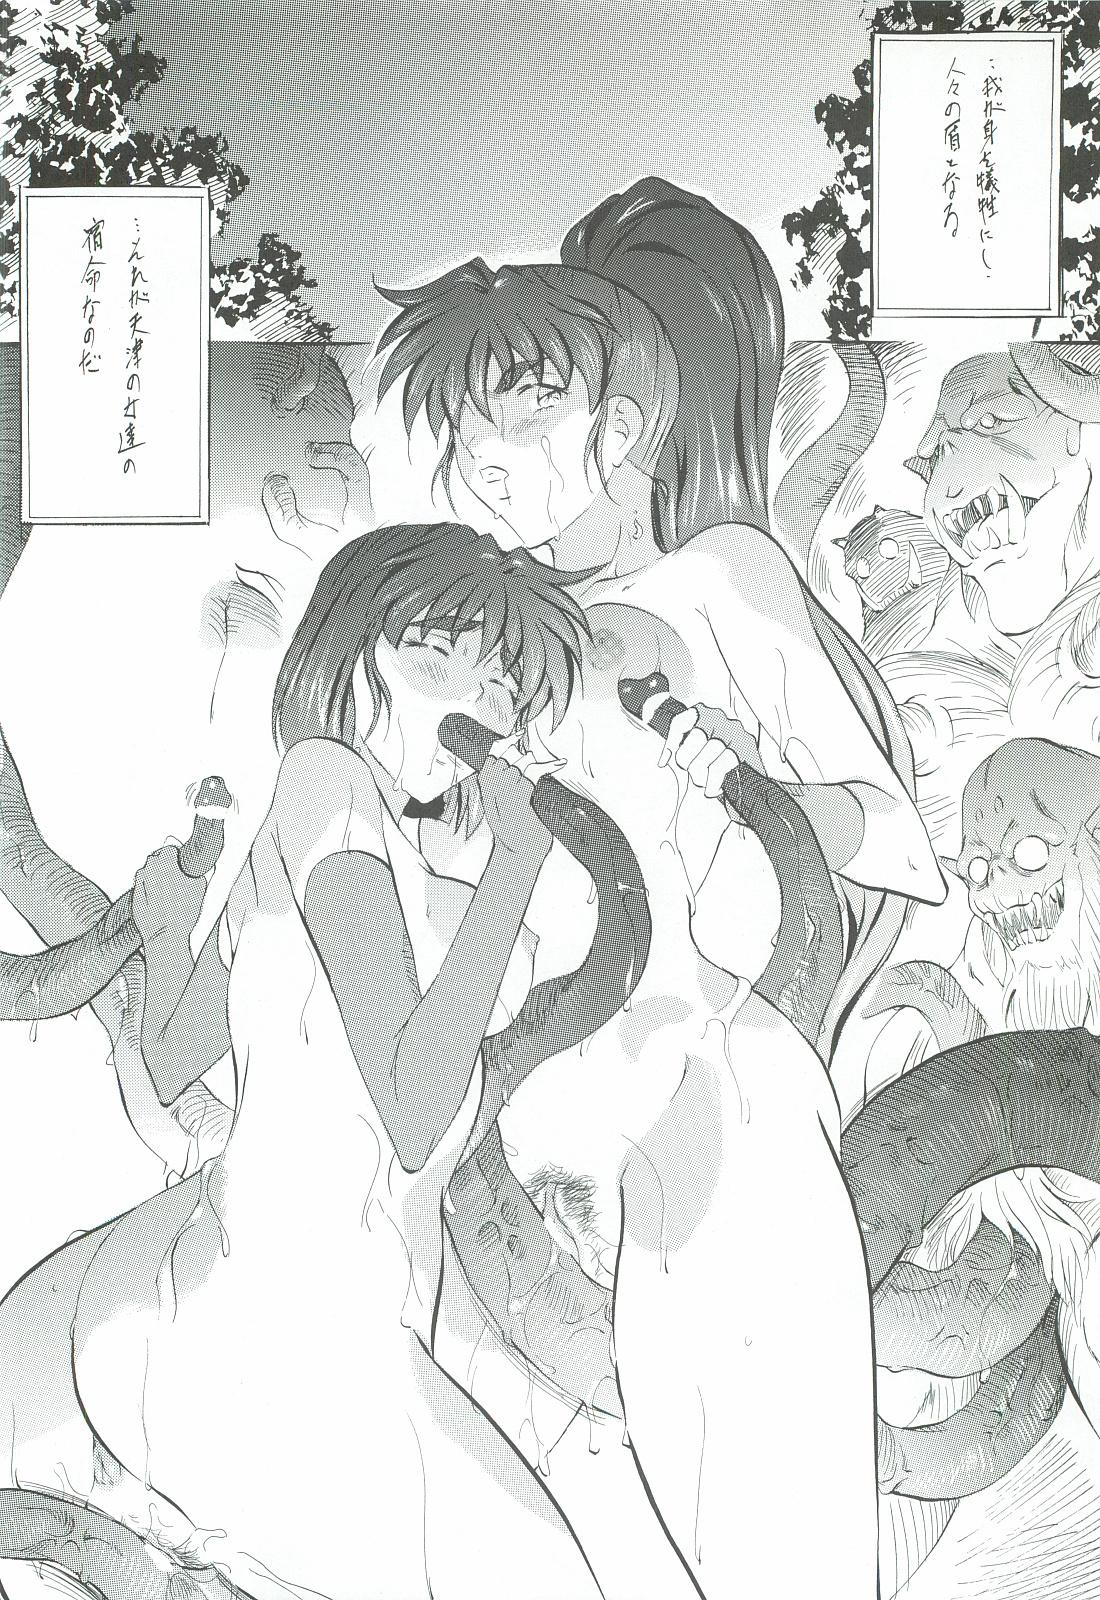 Ai & Mai Gaiden - Kishin Fukkatsu no Shou 130